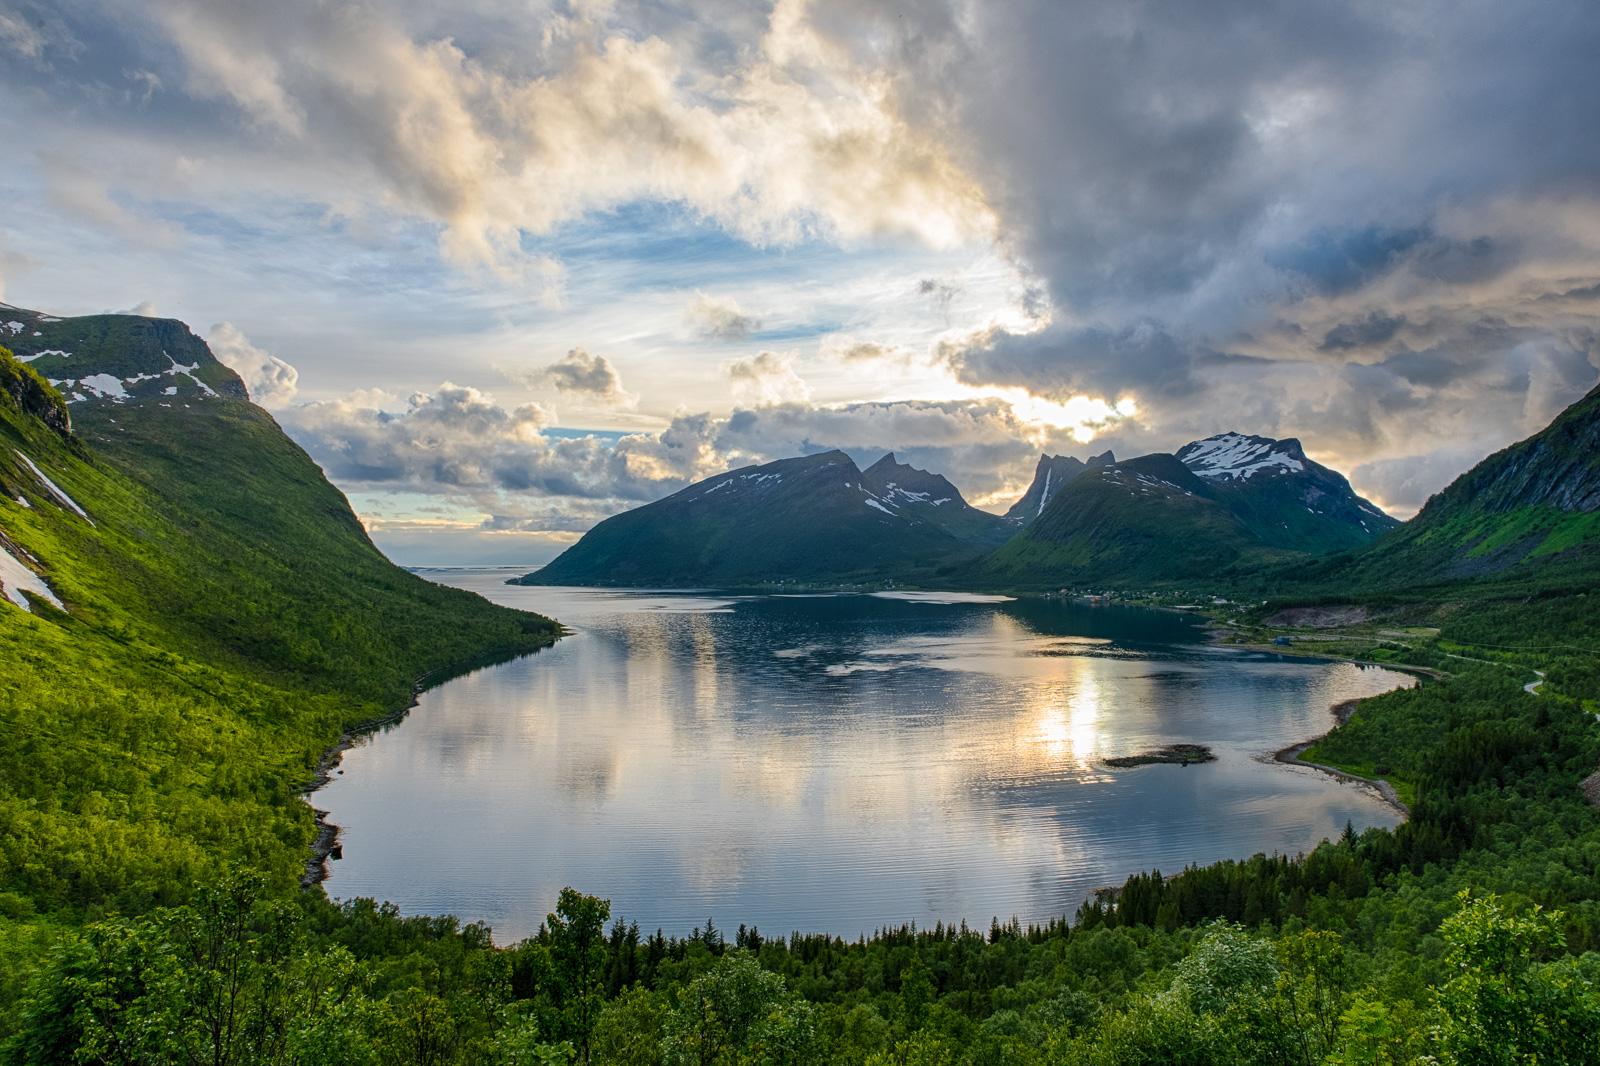 Bergsbotn viewing platform, Norway